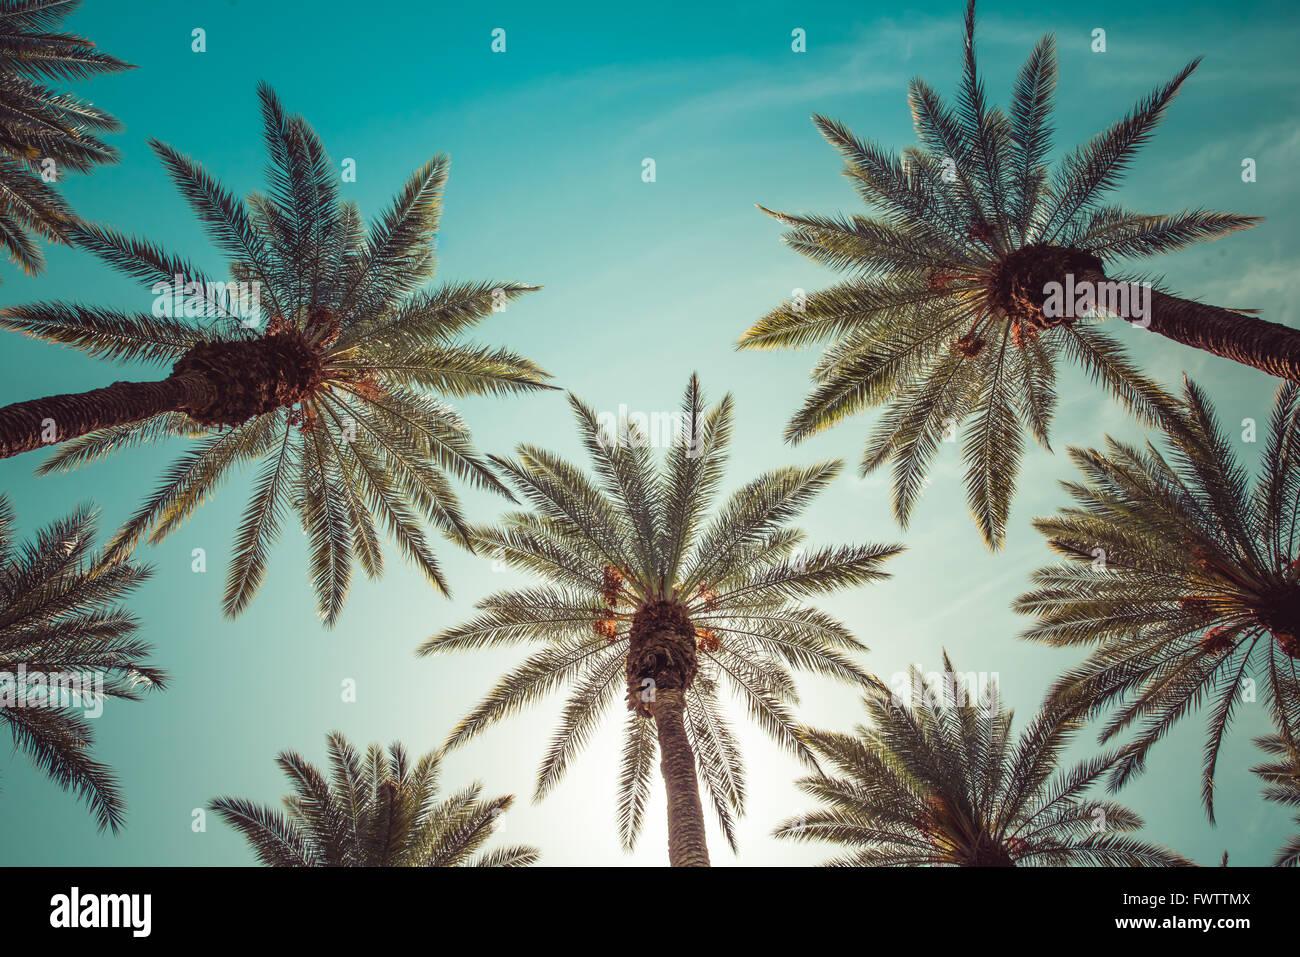 Gli alberi di palma, beverly hills, los angeles,rodeo drive,l'estate,vintage,SKY,natura,naturale,corona-simili Immagini Stock